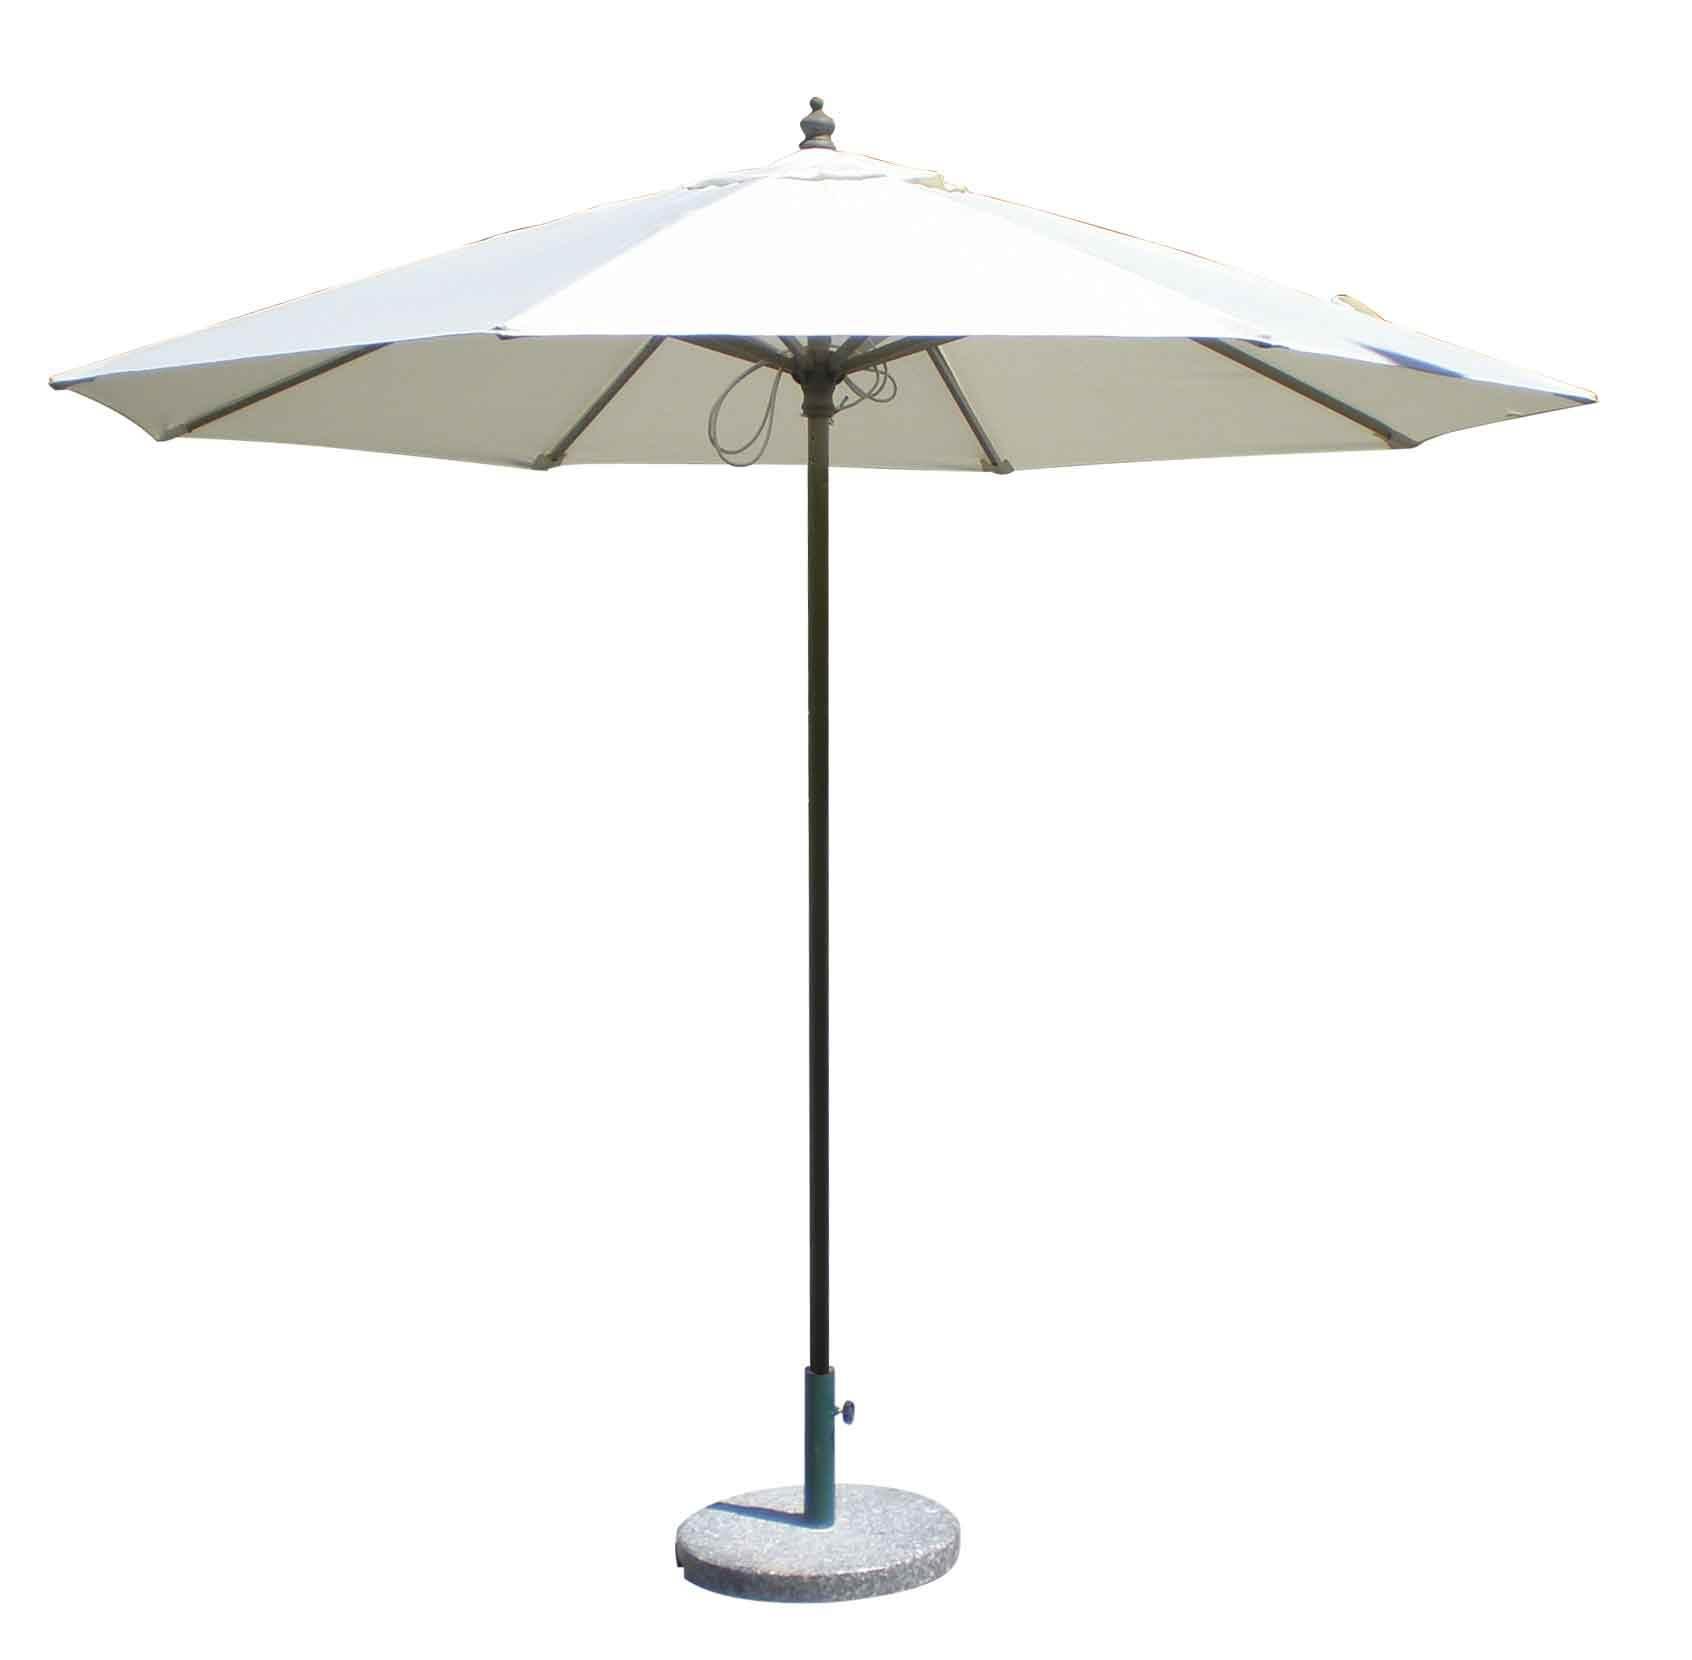 厦门遮阳伞,厦门遮阳伞的选购,遮阳伞的合理选购